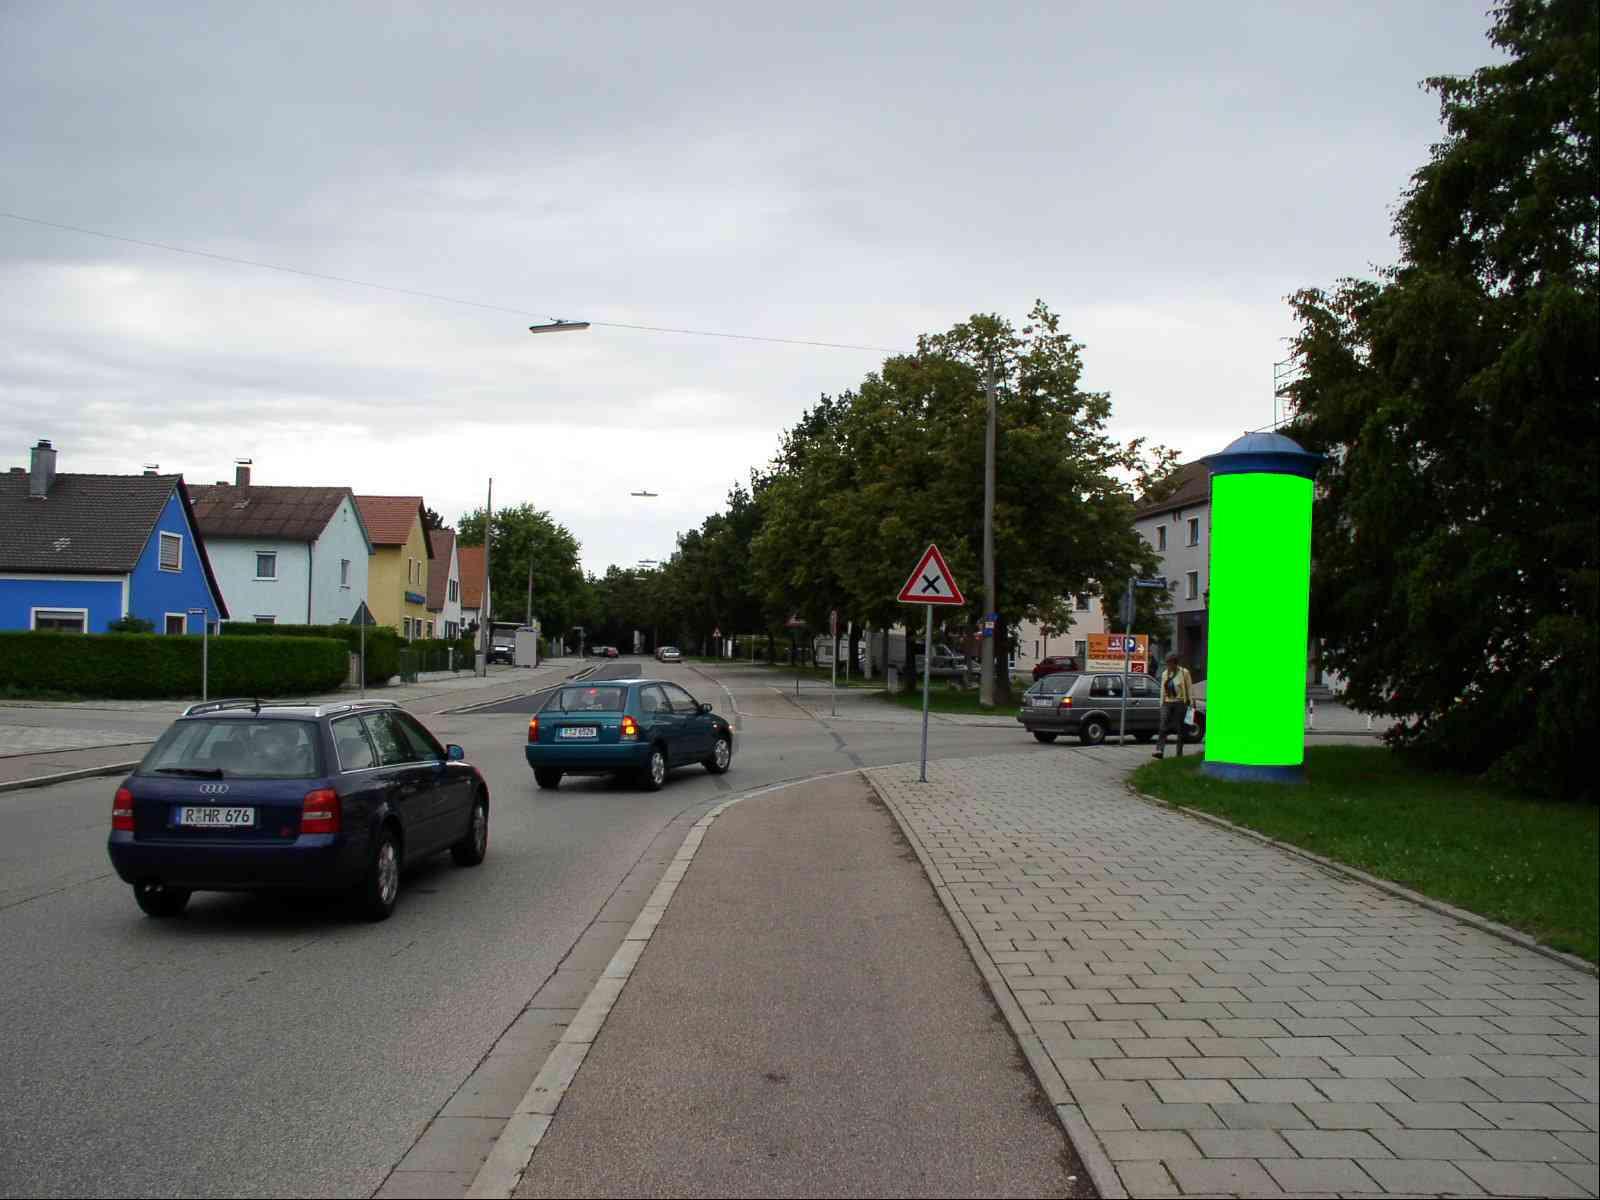 Aussiger Str. - Dolomitenstr.            3.50/3.80